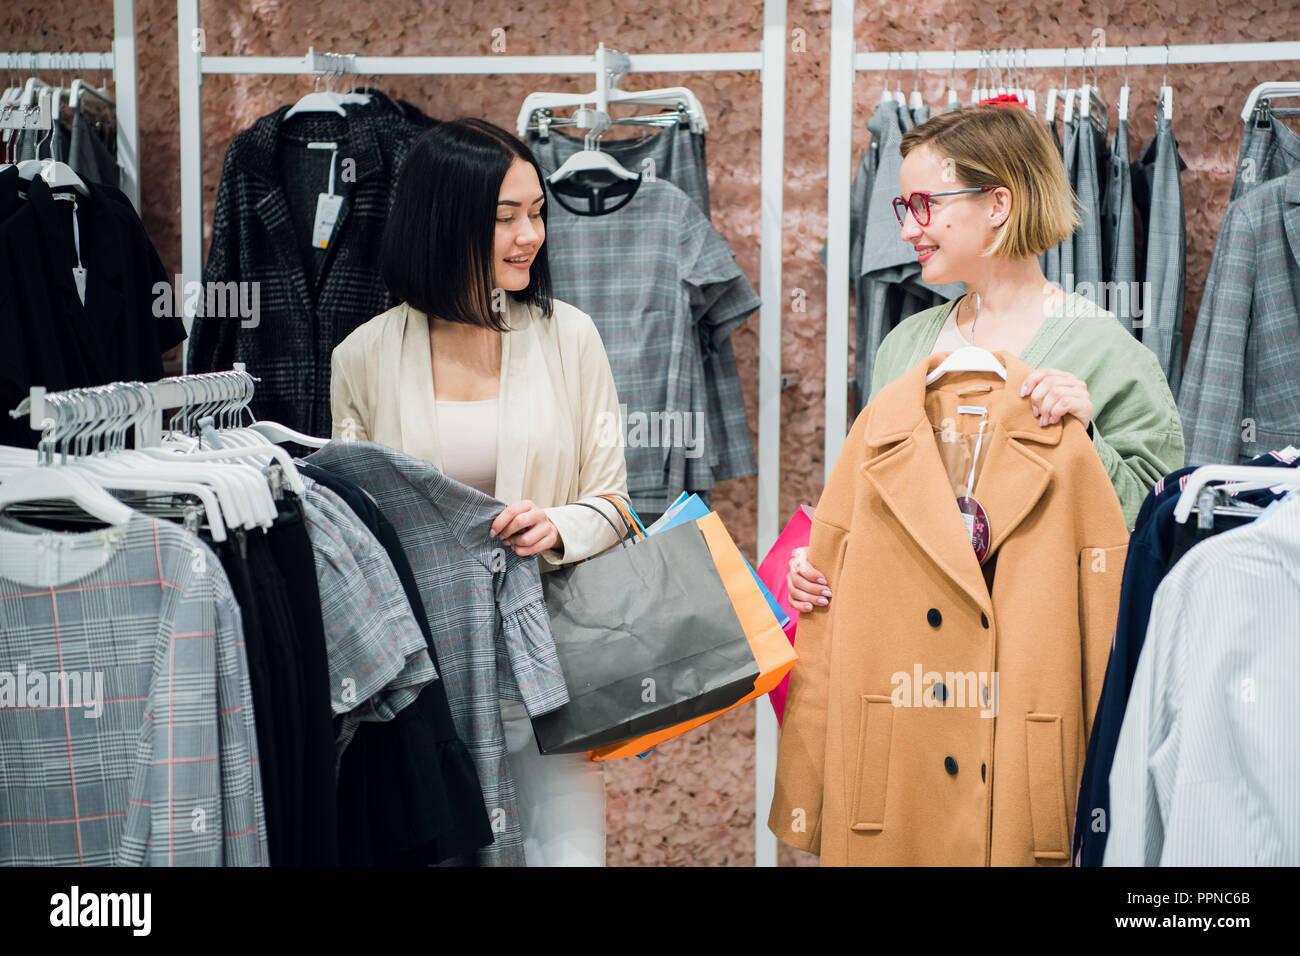 new product e2094 67307 Consulente di vendita aiutando sceglie i vestiti per il ...